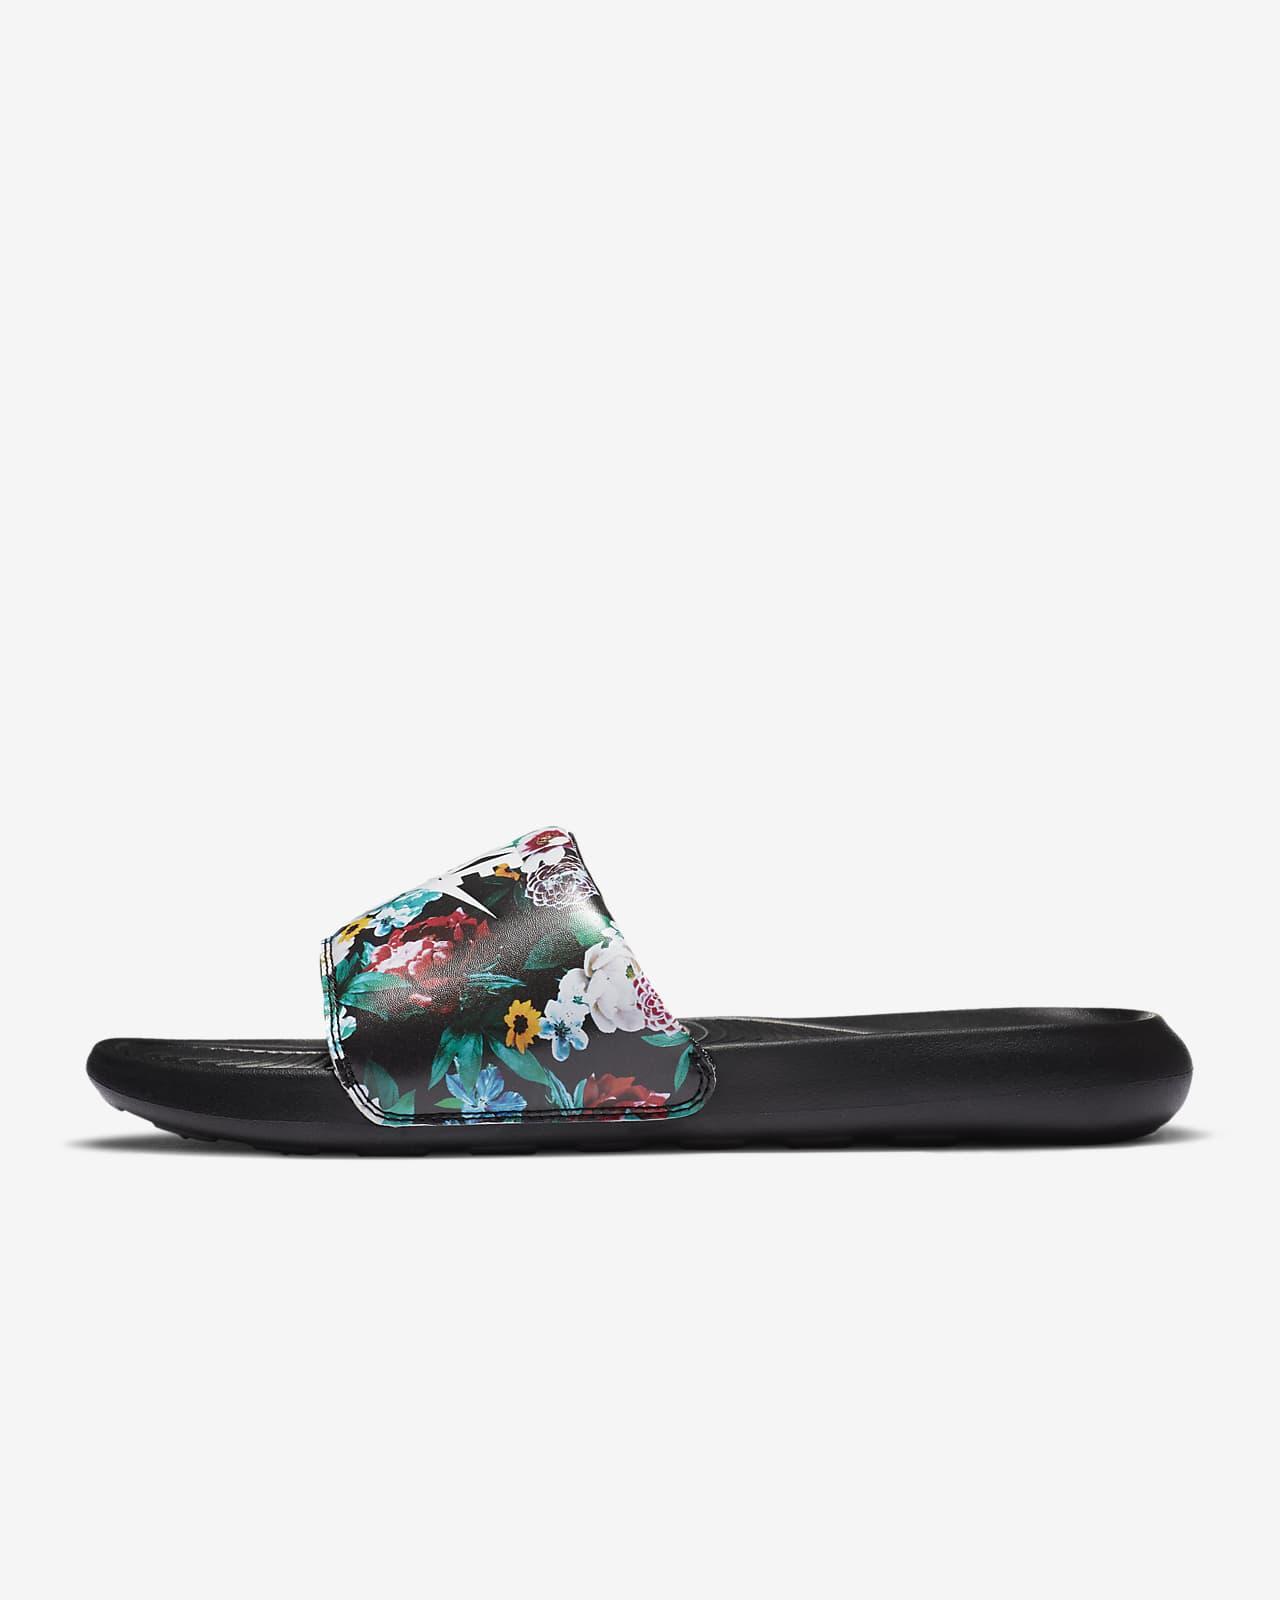 Nike Victori One Women's Print Slide